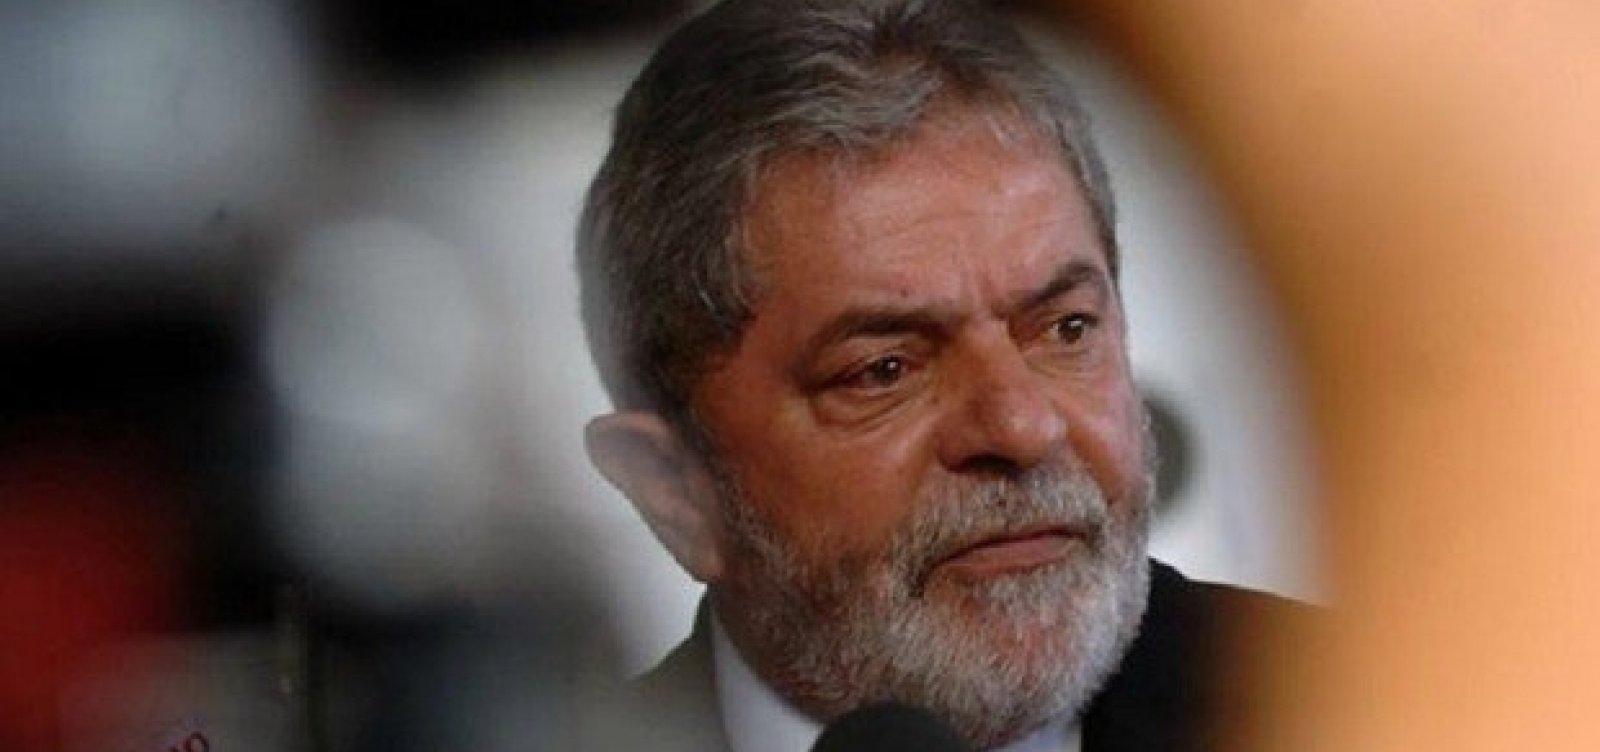 STJ julga hoje recurso contra condenação de Lula